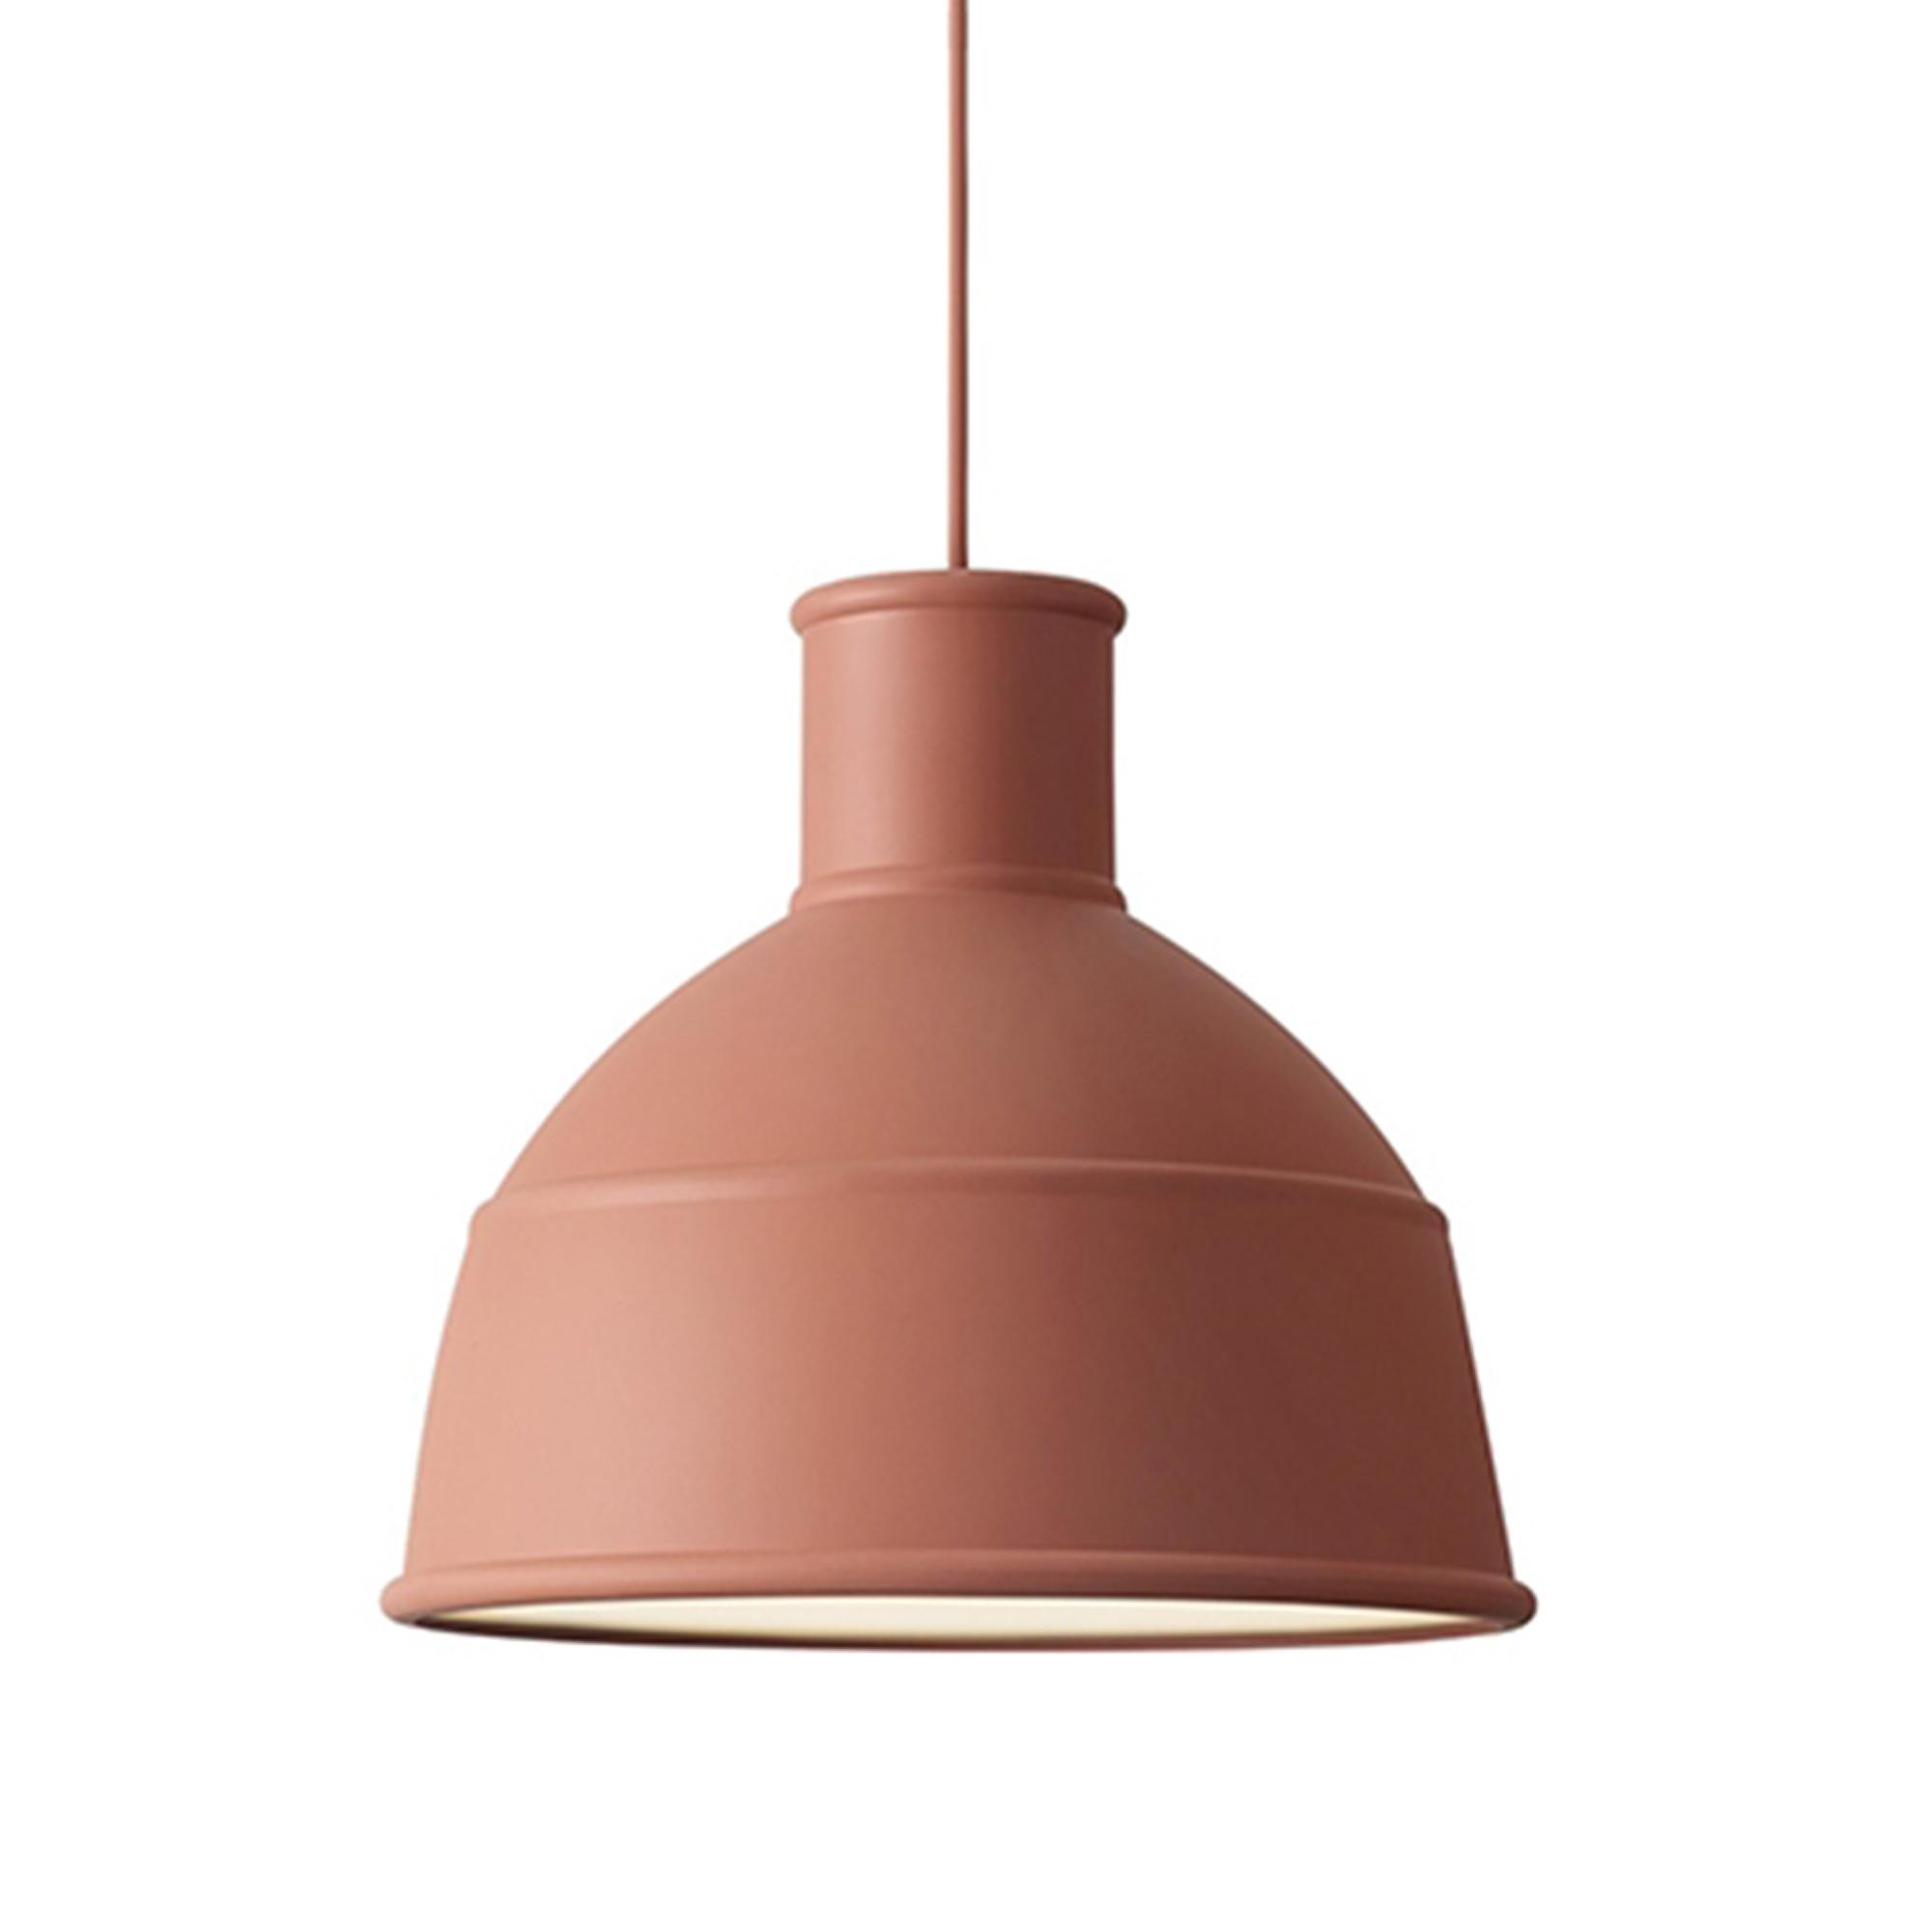 Muuto Lampa Unfold terracotta